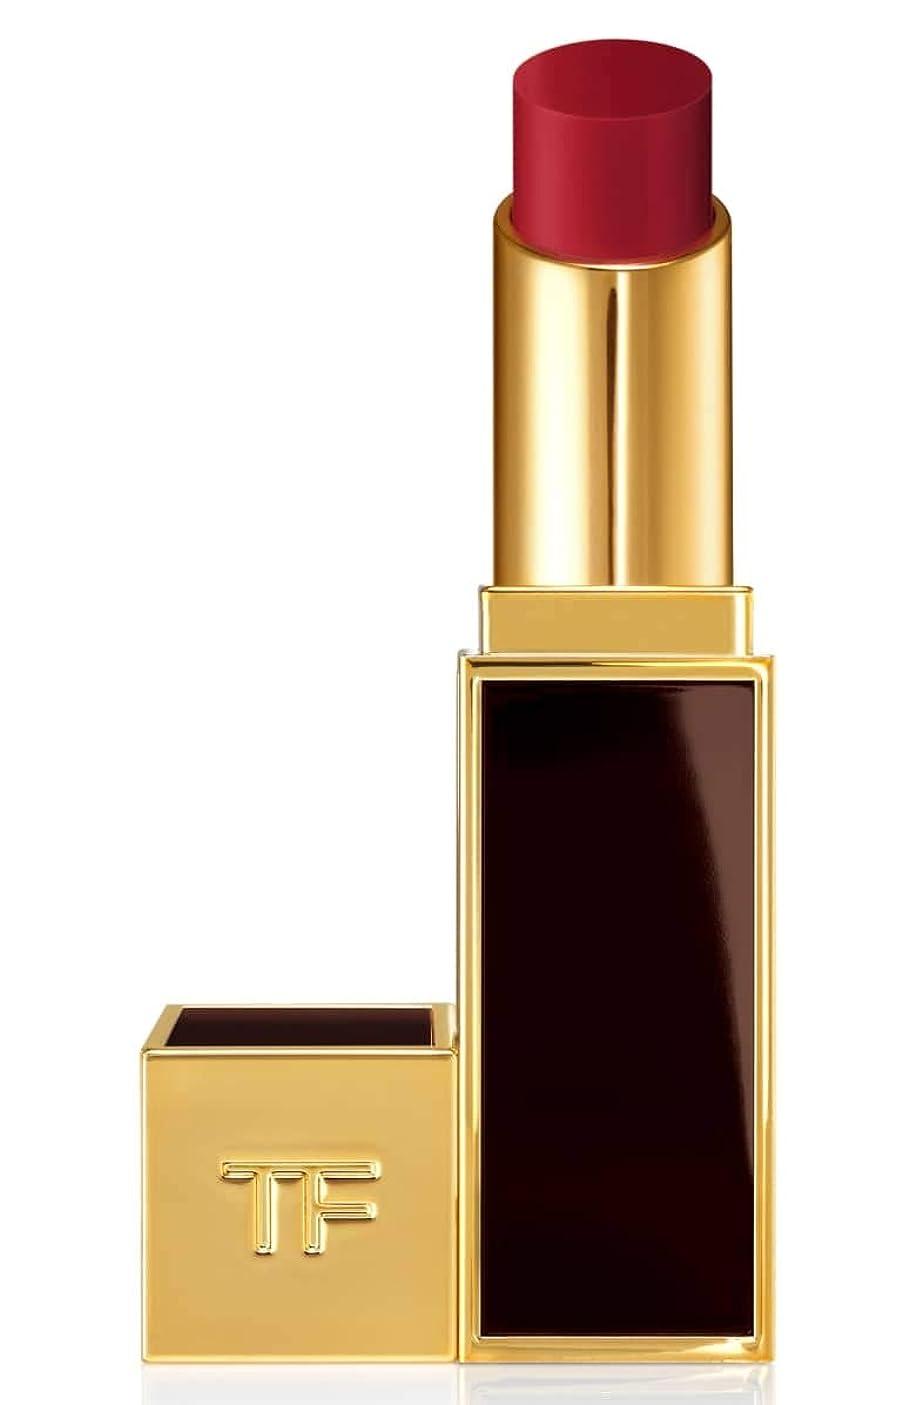 ダウンタウン私たちのもの裏切るトム フォード Lip Color Satin Matte - # 19 Stiletto 3.3g/0.11oz並行輸入品